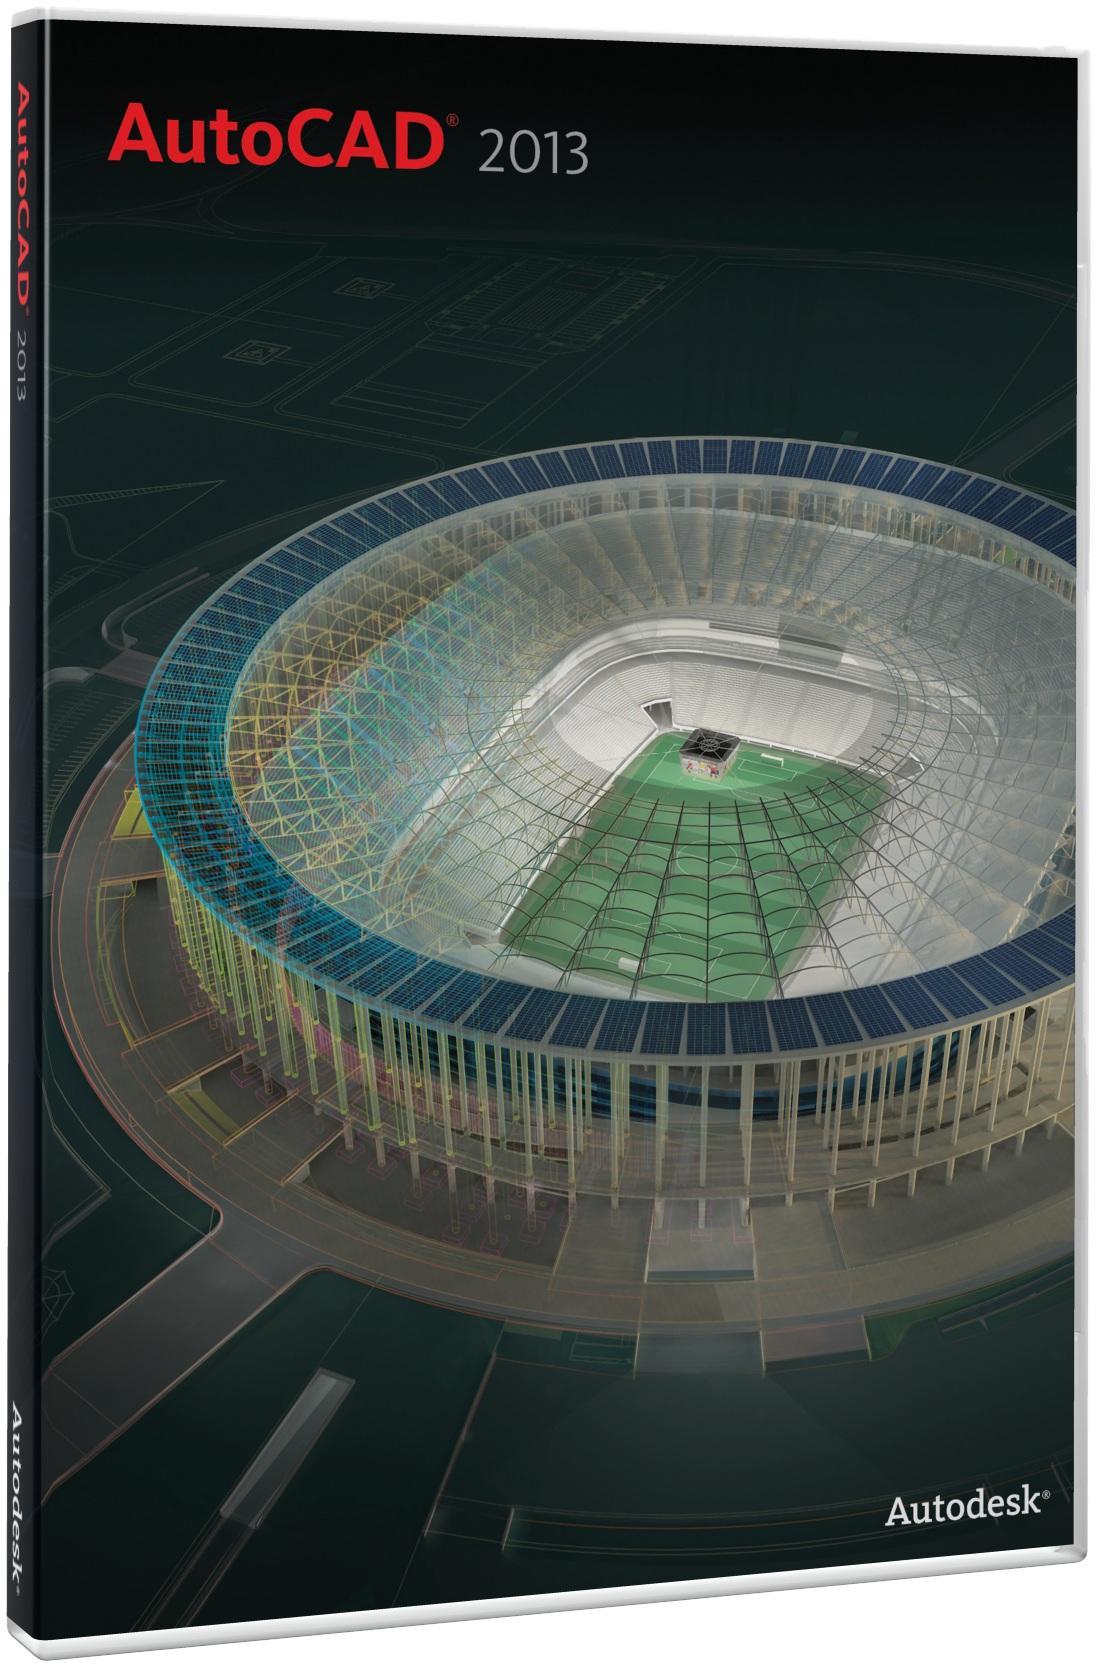 Autodesk Программное обеспечение AutoCAD 2013, коммерческий, локальный